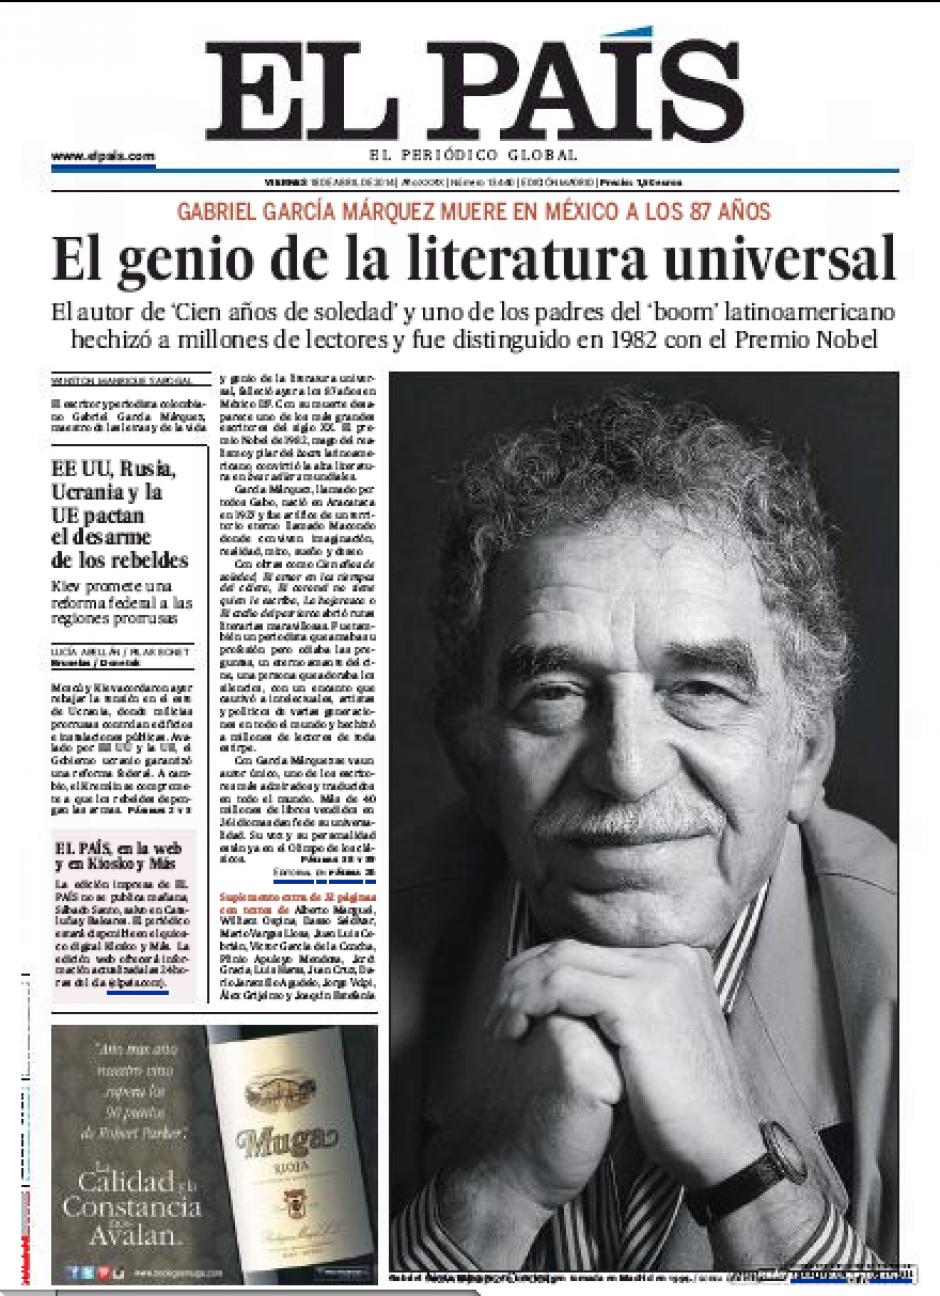 En España, diario El País le concedió media portada a la foto del genio colombiano. (Foto: Soy502)